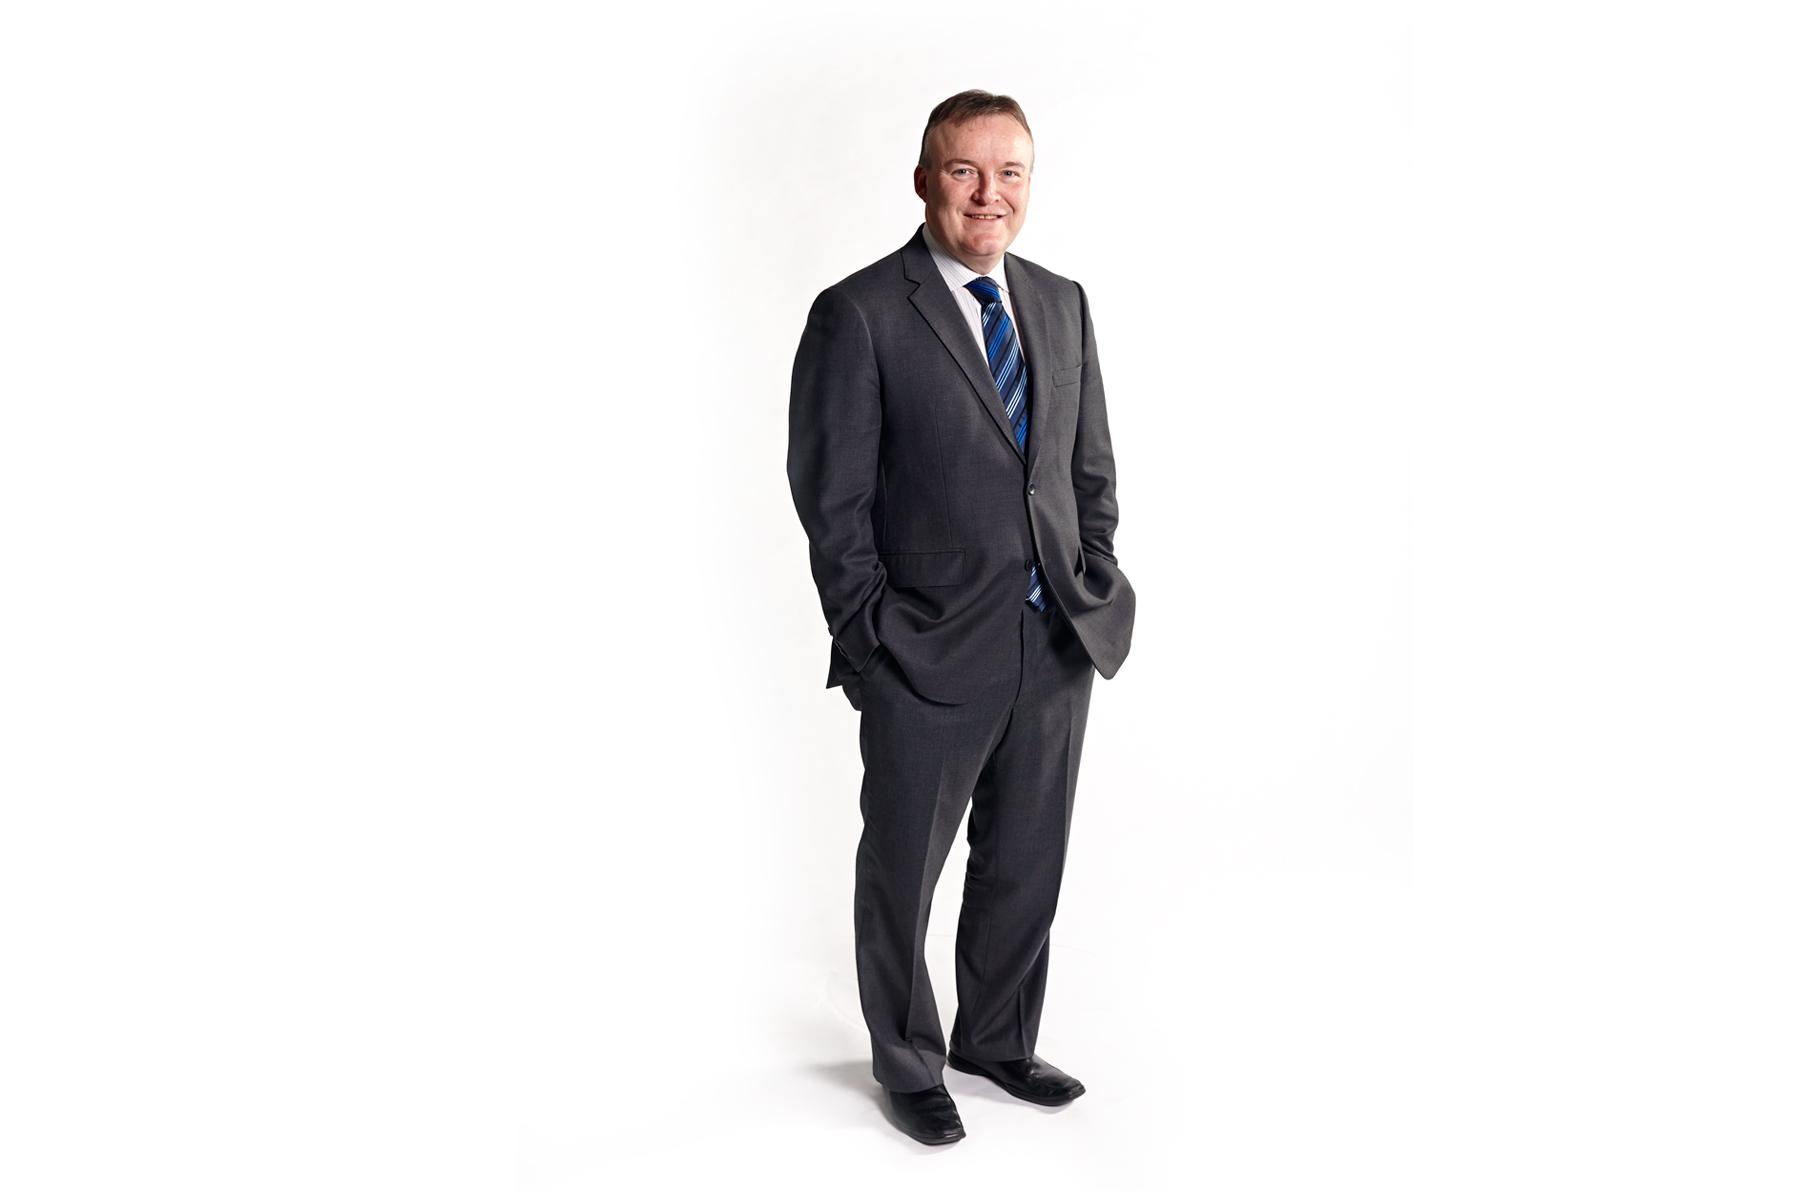 Peter Turner – Managing Director